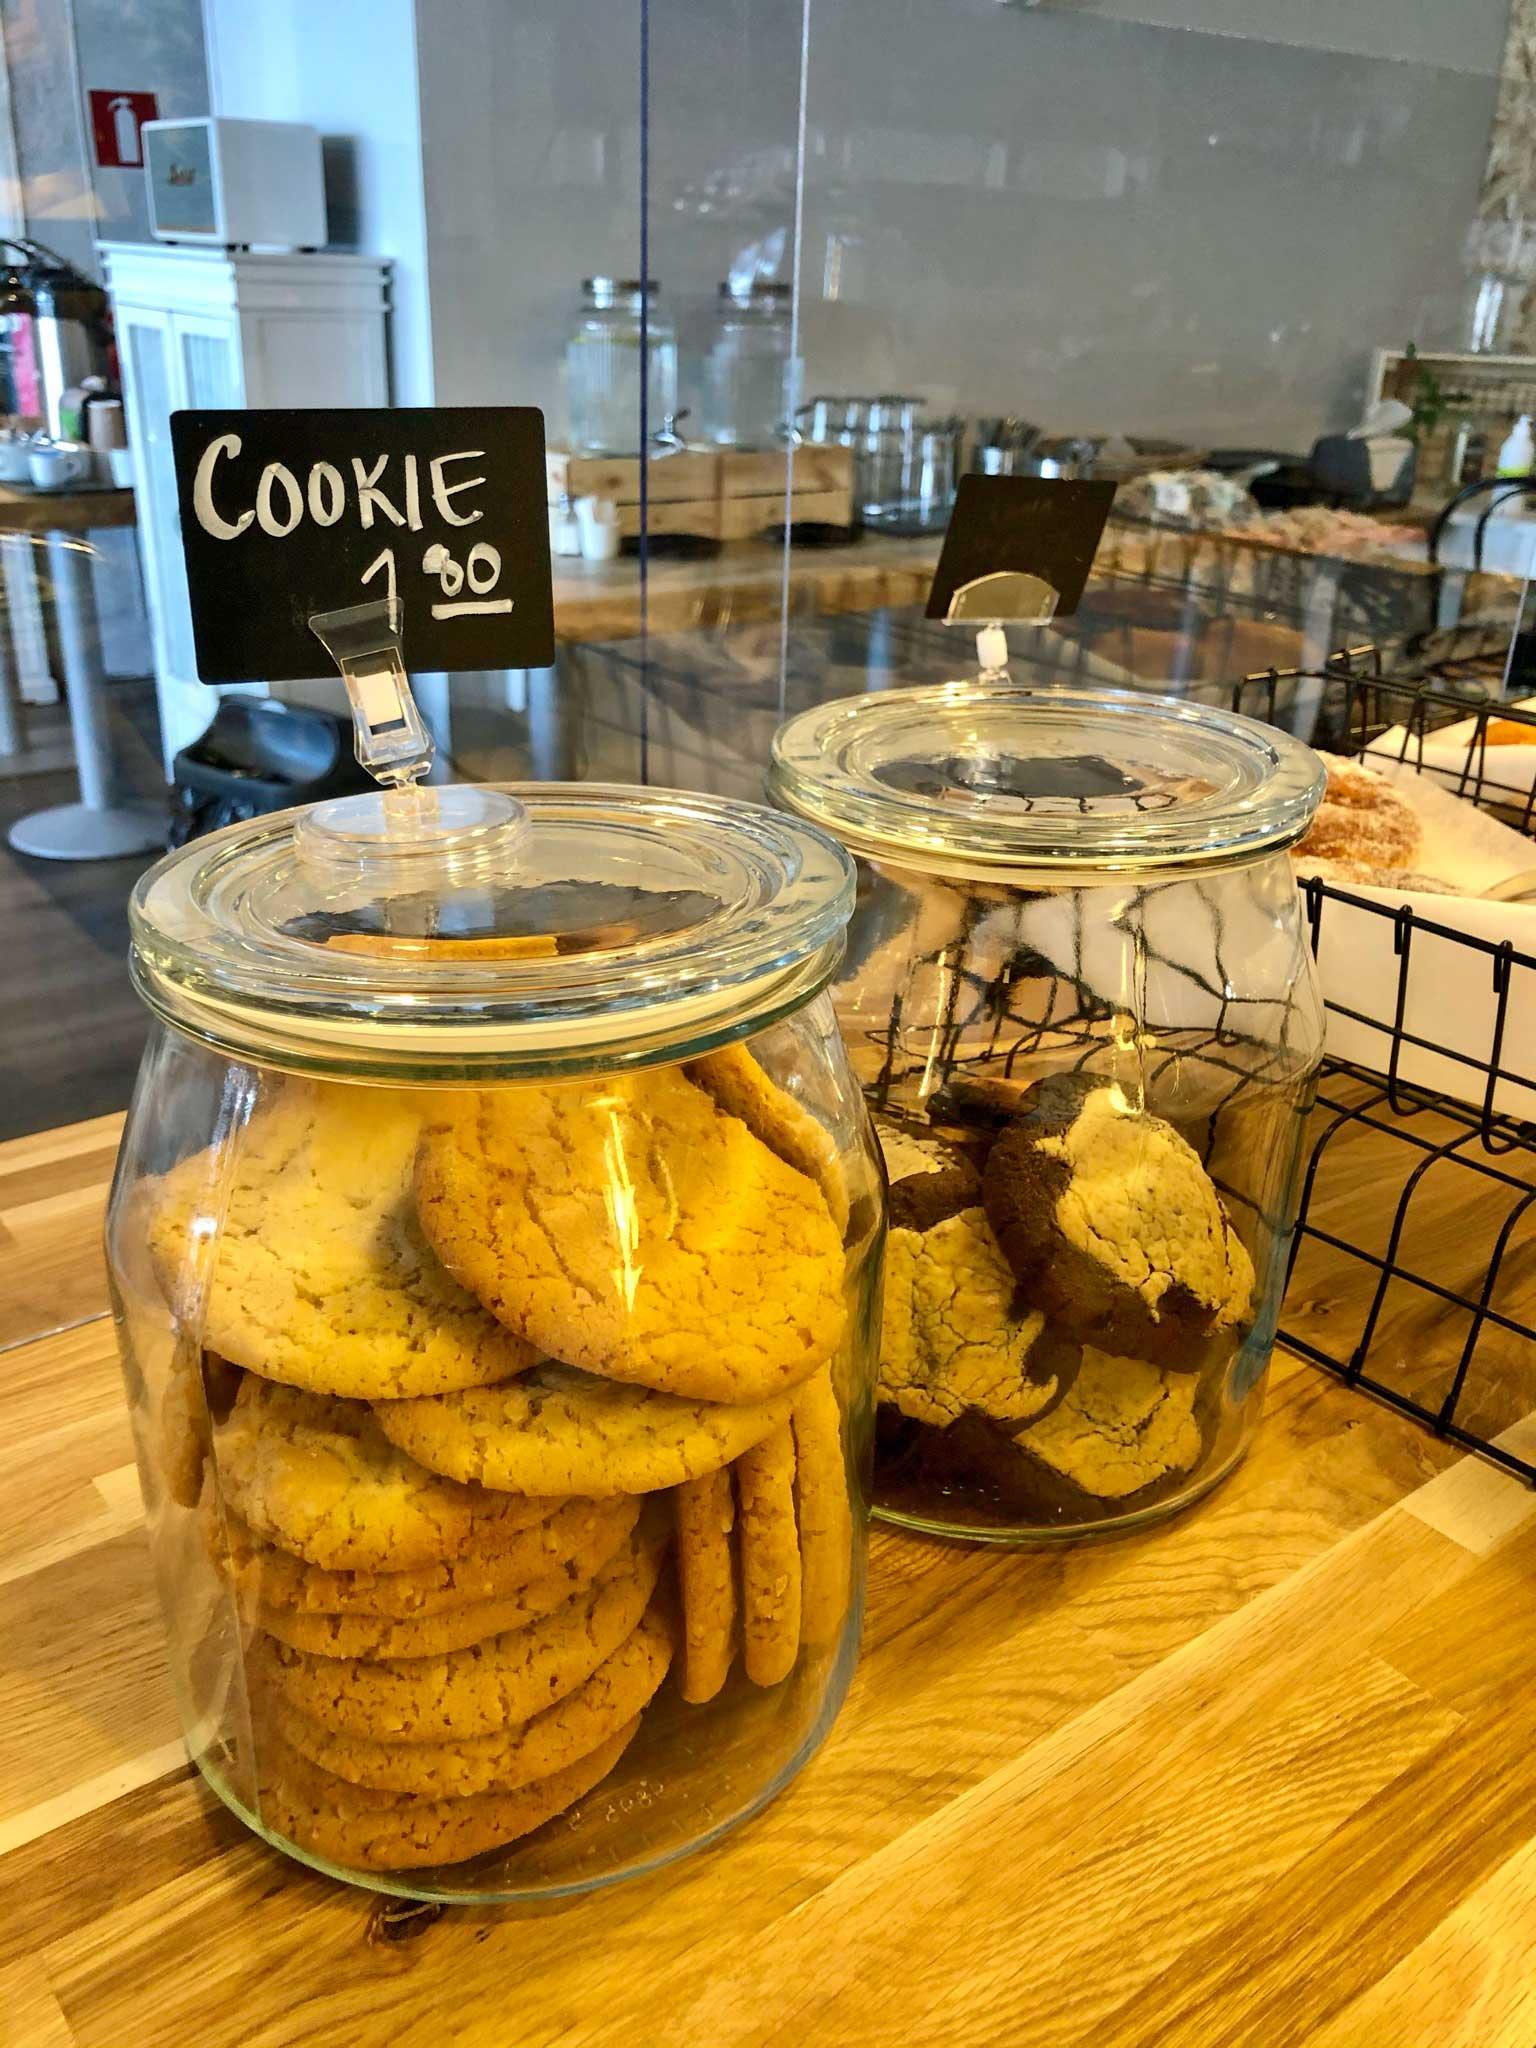 Food & Cafe Fridan tiskillä kaksi pikkuleipäpurkkia.